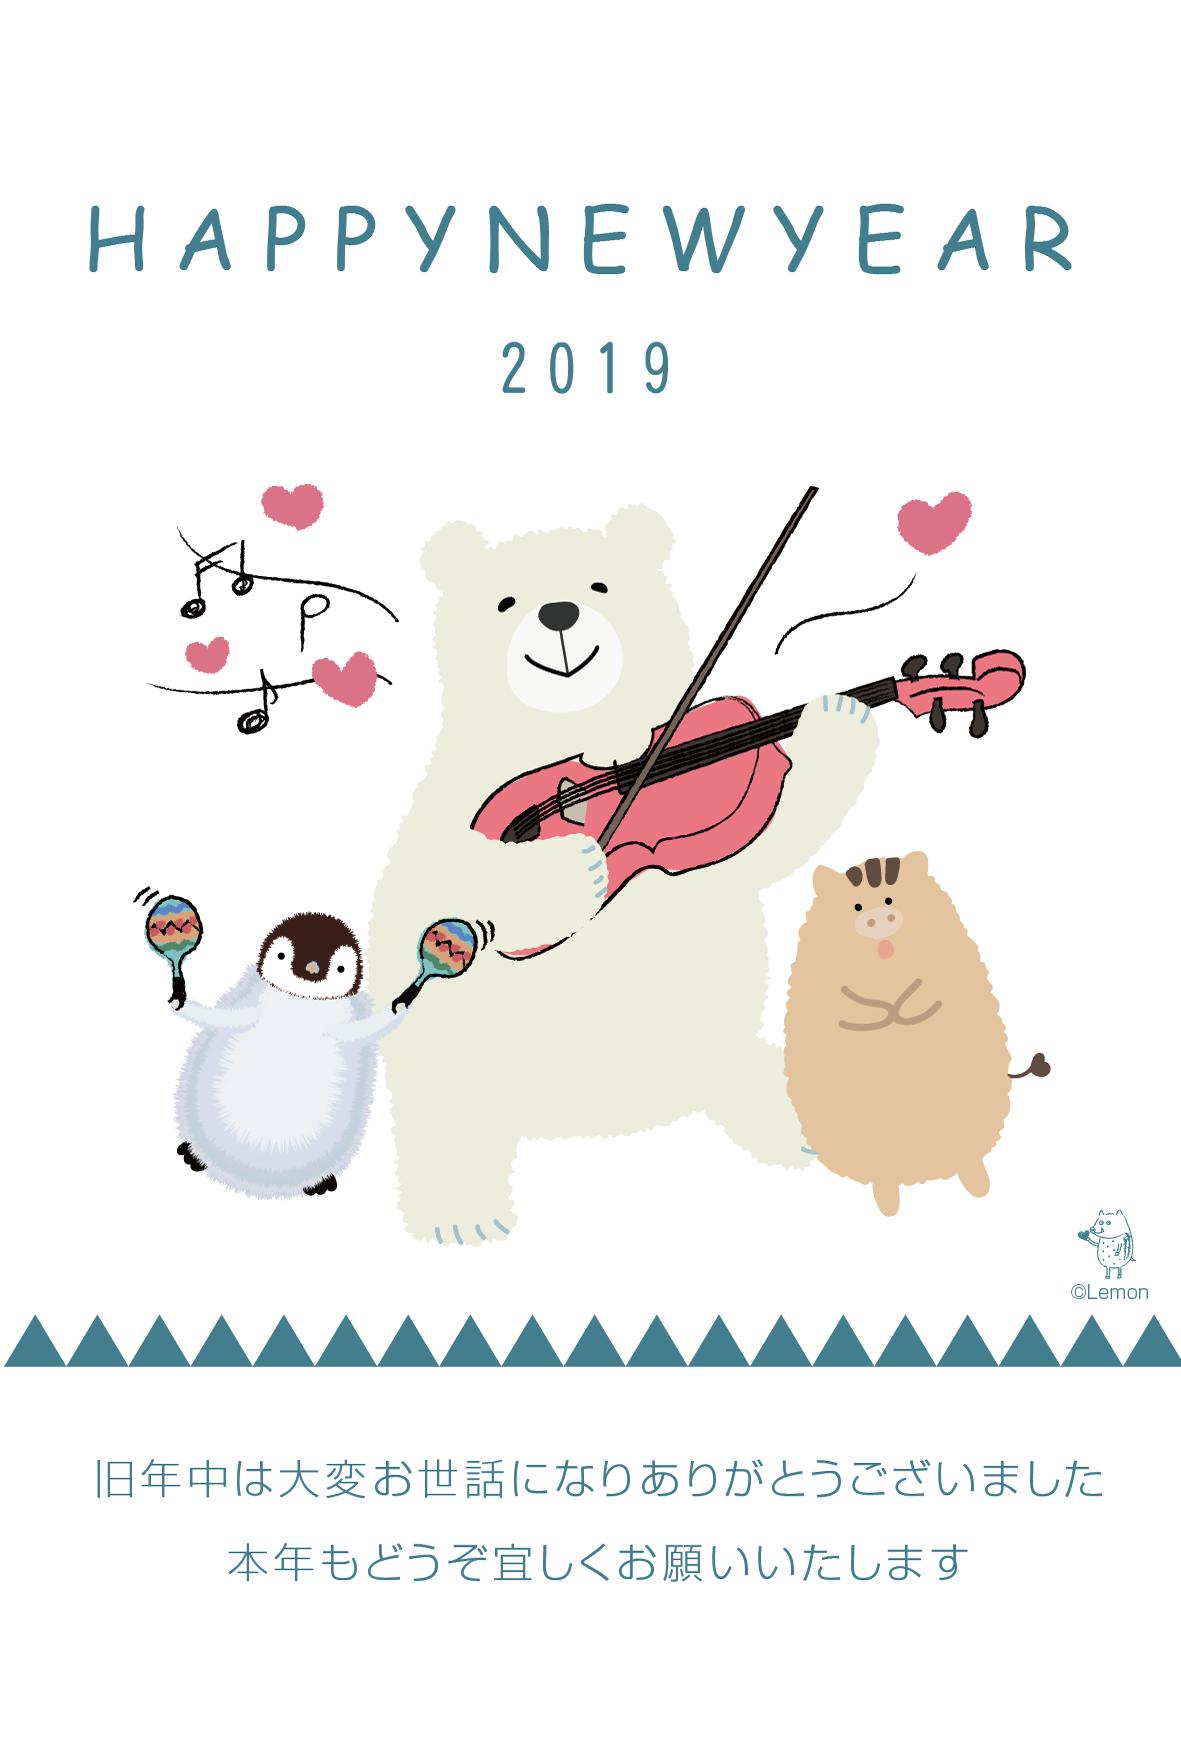 無料 2019年 おしゃれ年賀状 北欧風 バイオリン